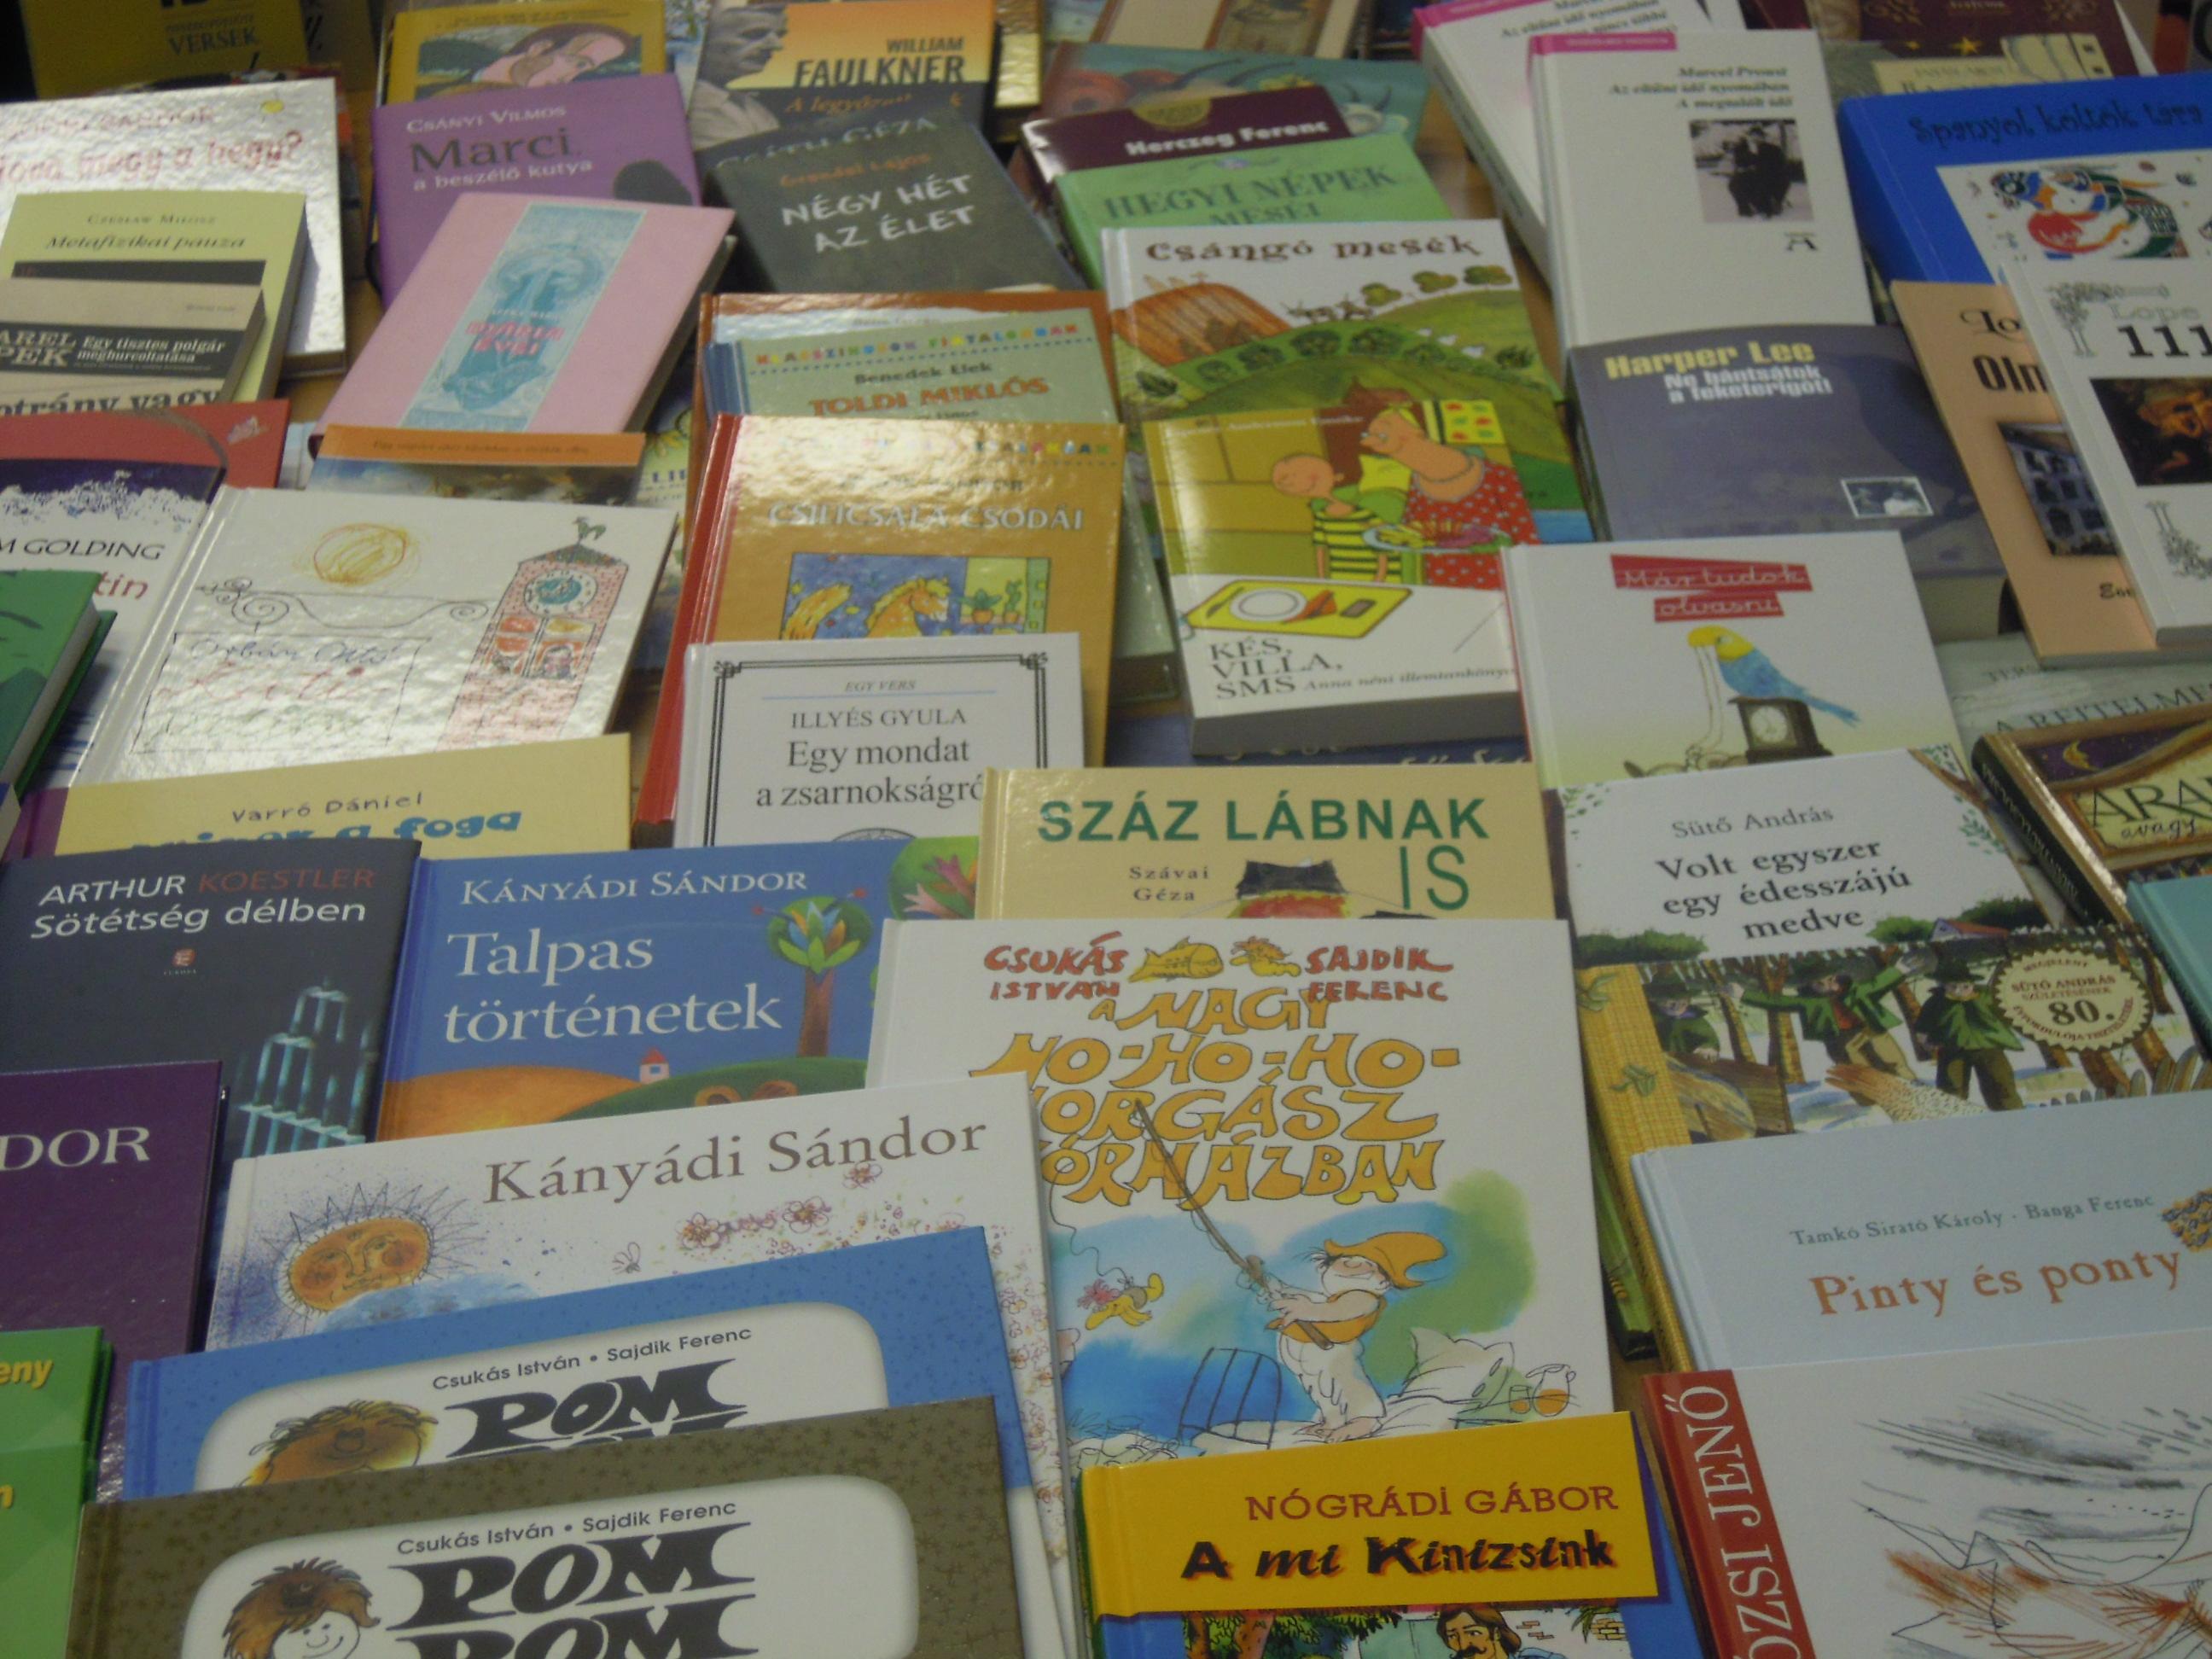 Több mint háromszáz könyvvel gyarapodott a Zalabai Zsigmond Városi Könyvtár